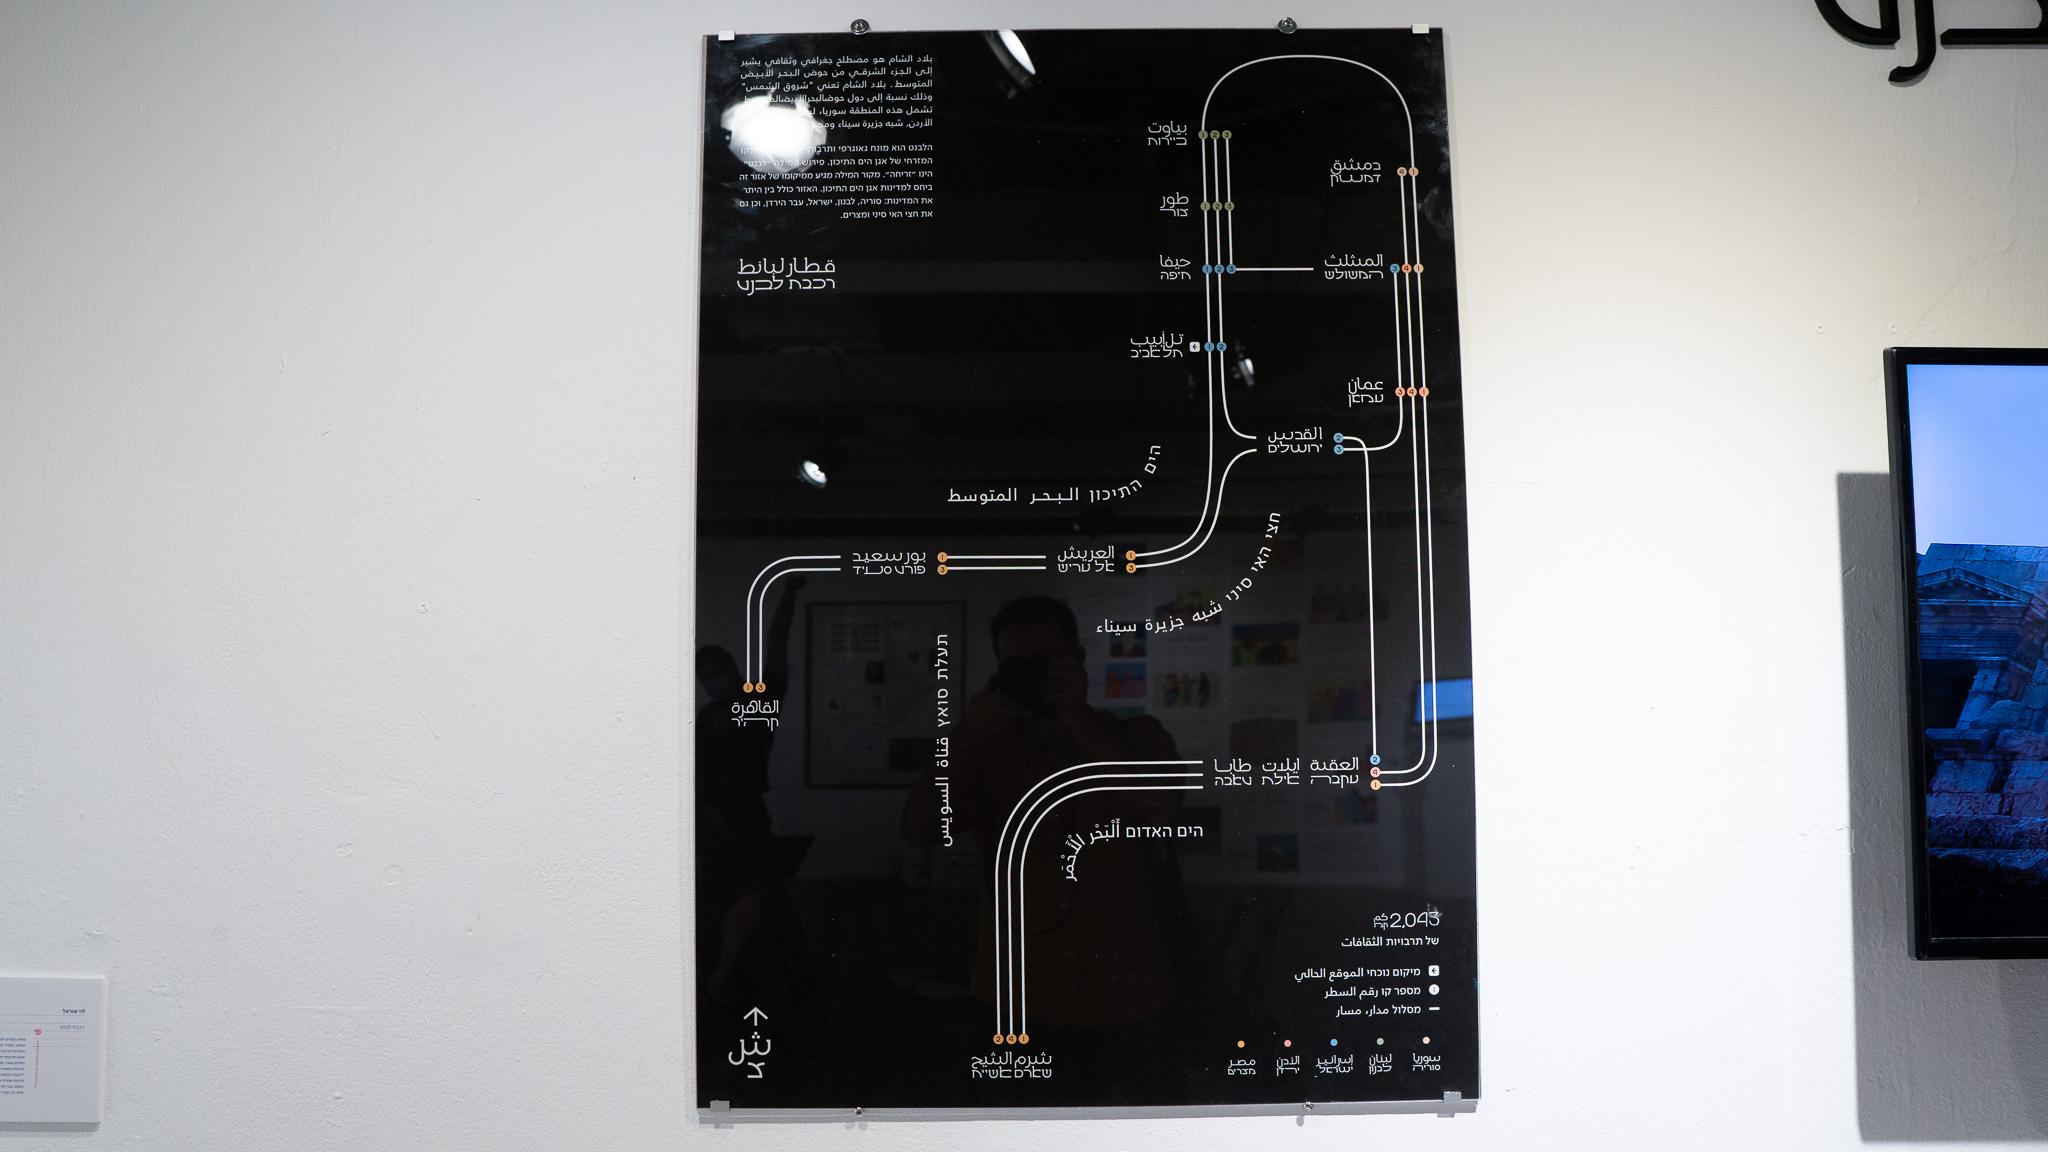 רכבת לבנט - אוראל לוי, מכללת שנקר. צילום: טל סולומון ורדי